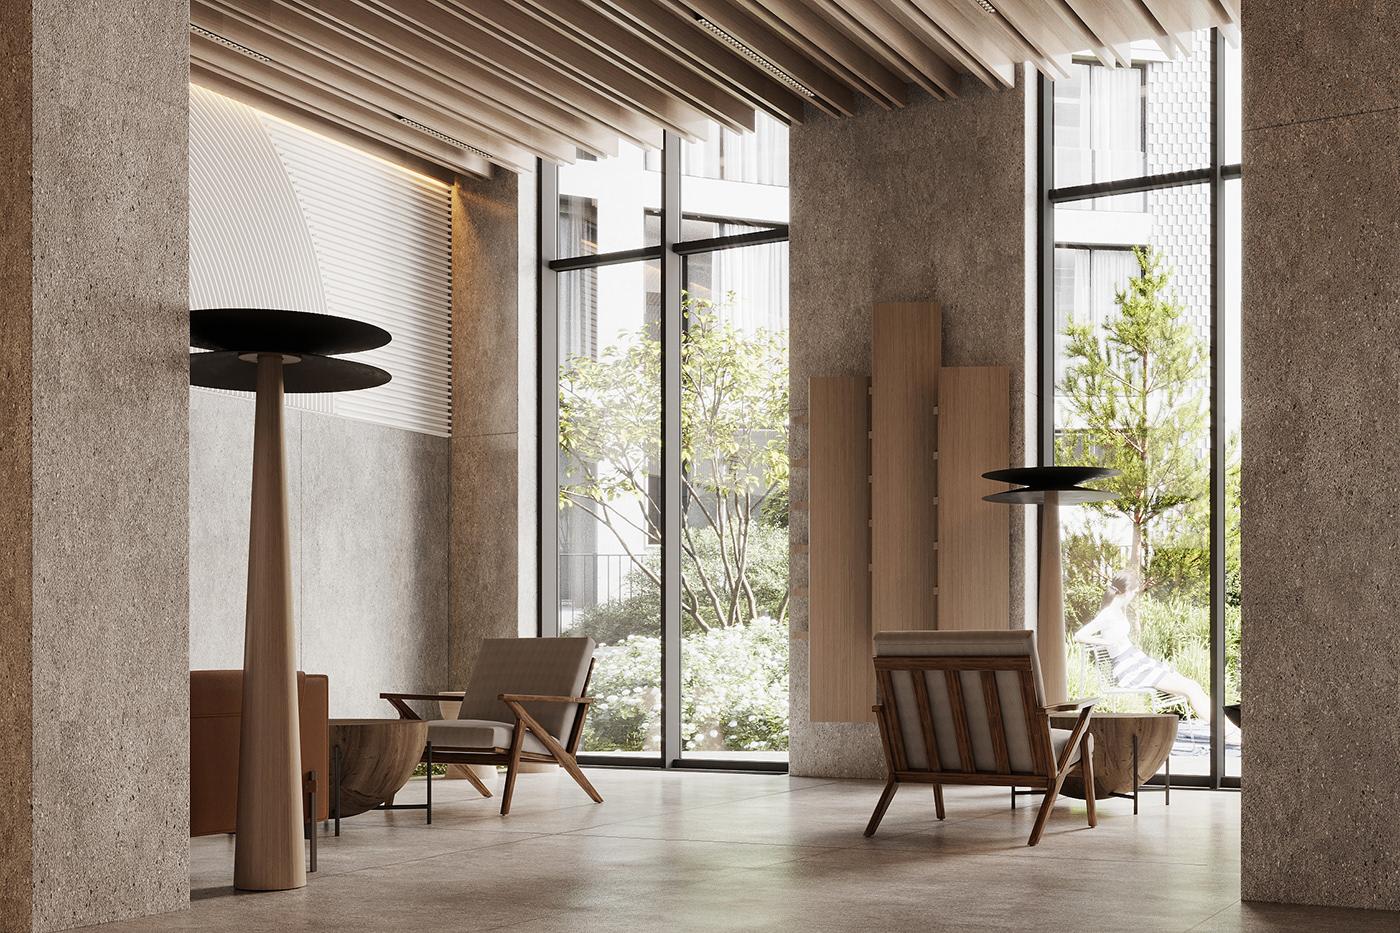 architecture archviz cgartist Hall Design Interior interior design  minimal modern Render visualization